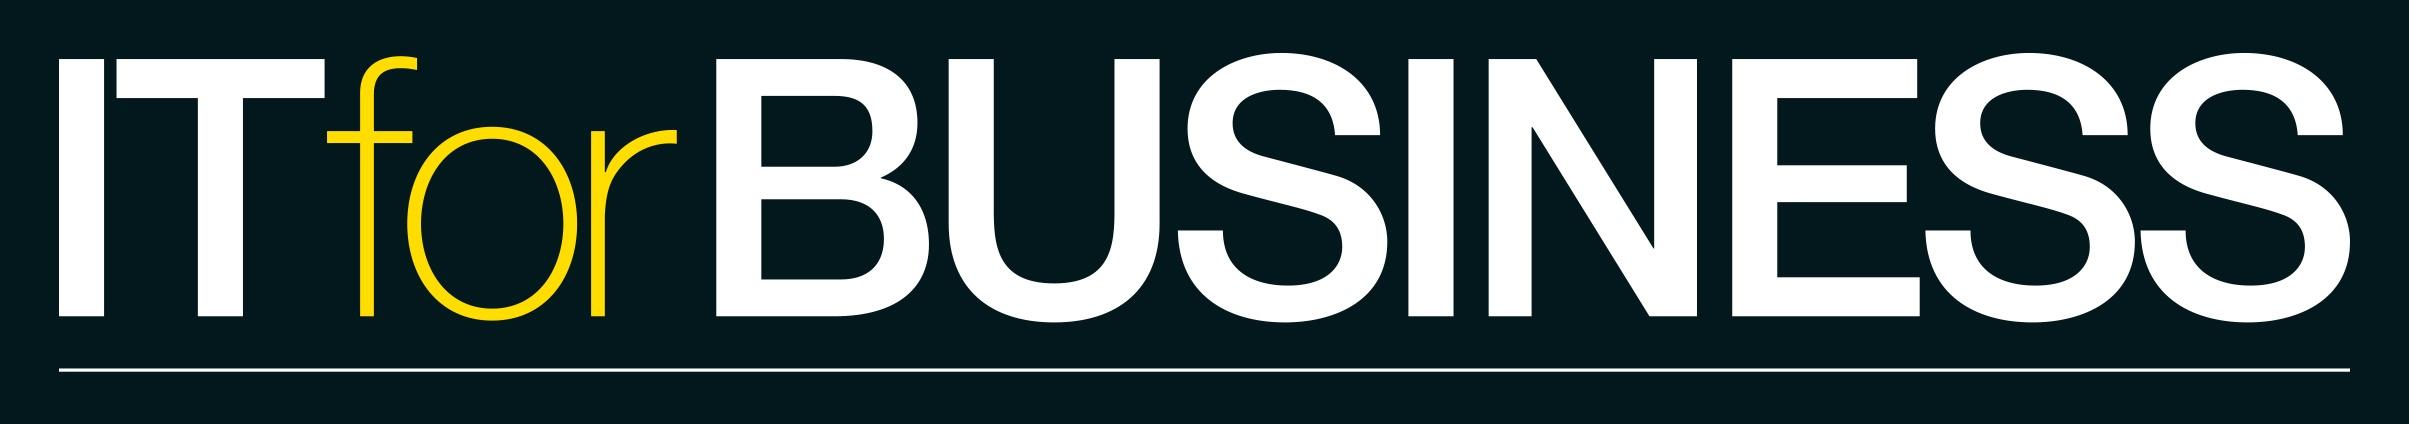 IT for Business - logo - Web.jpg